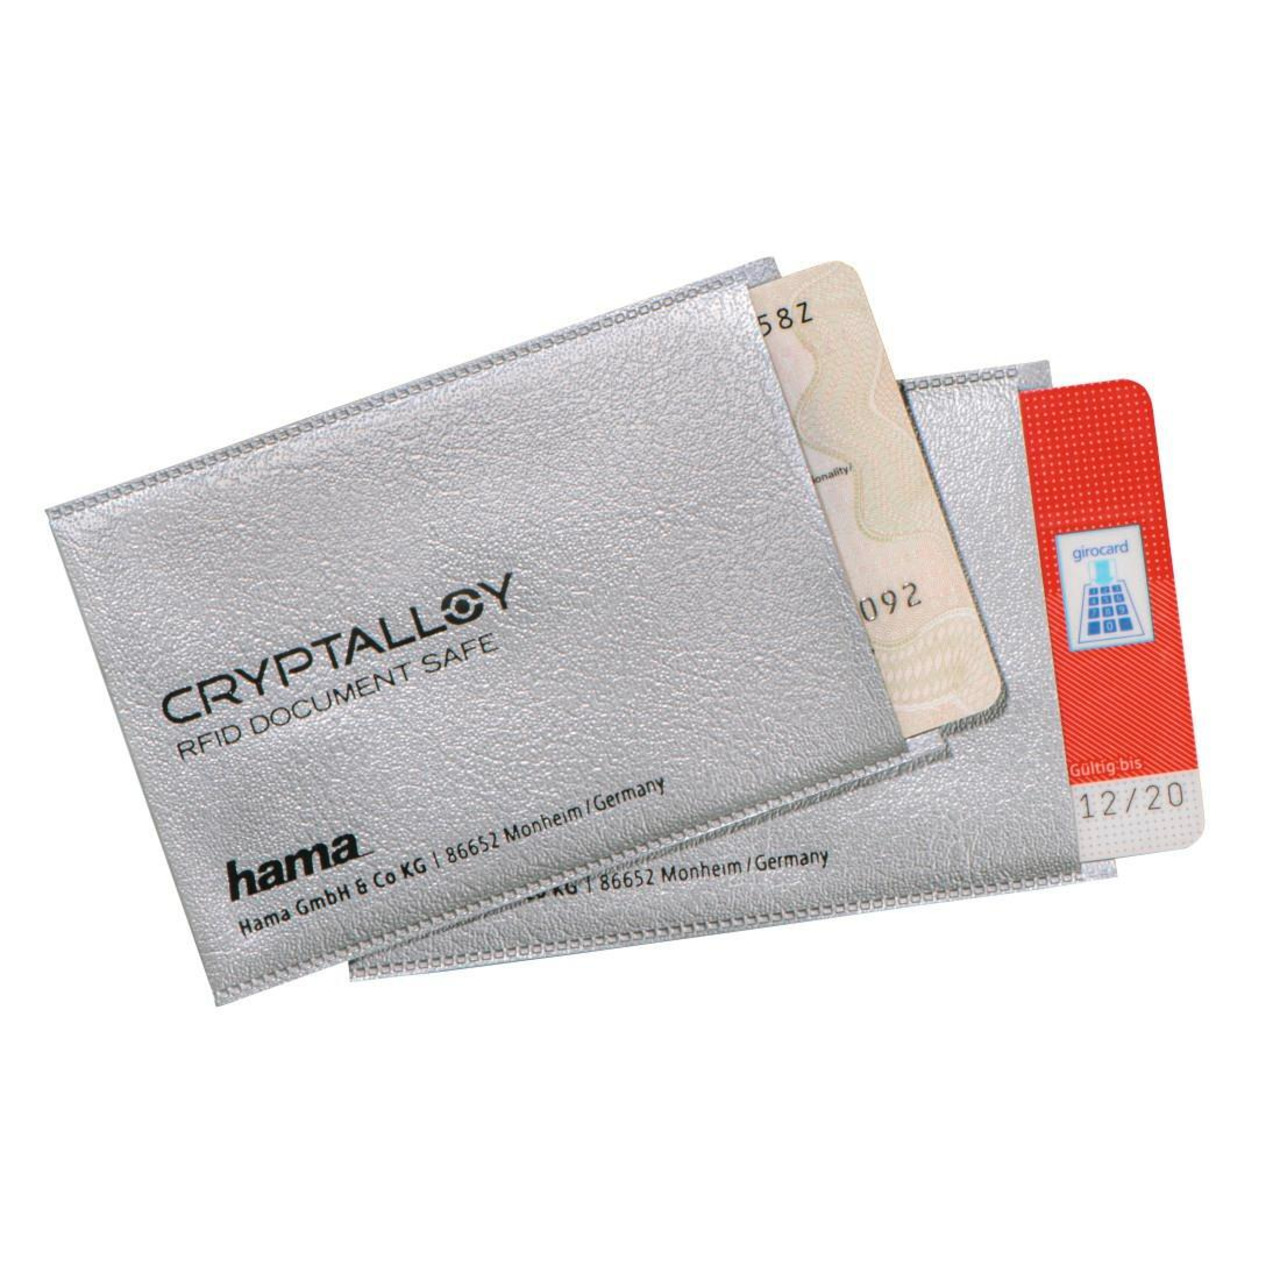 2er-Set Hama-RFID-NFC-Schutzhund-252 llen fund-252 r EC- Kredit- Zutrittskarten und Personalausweis